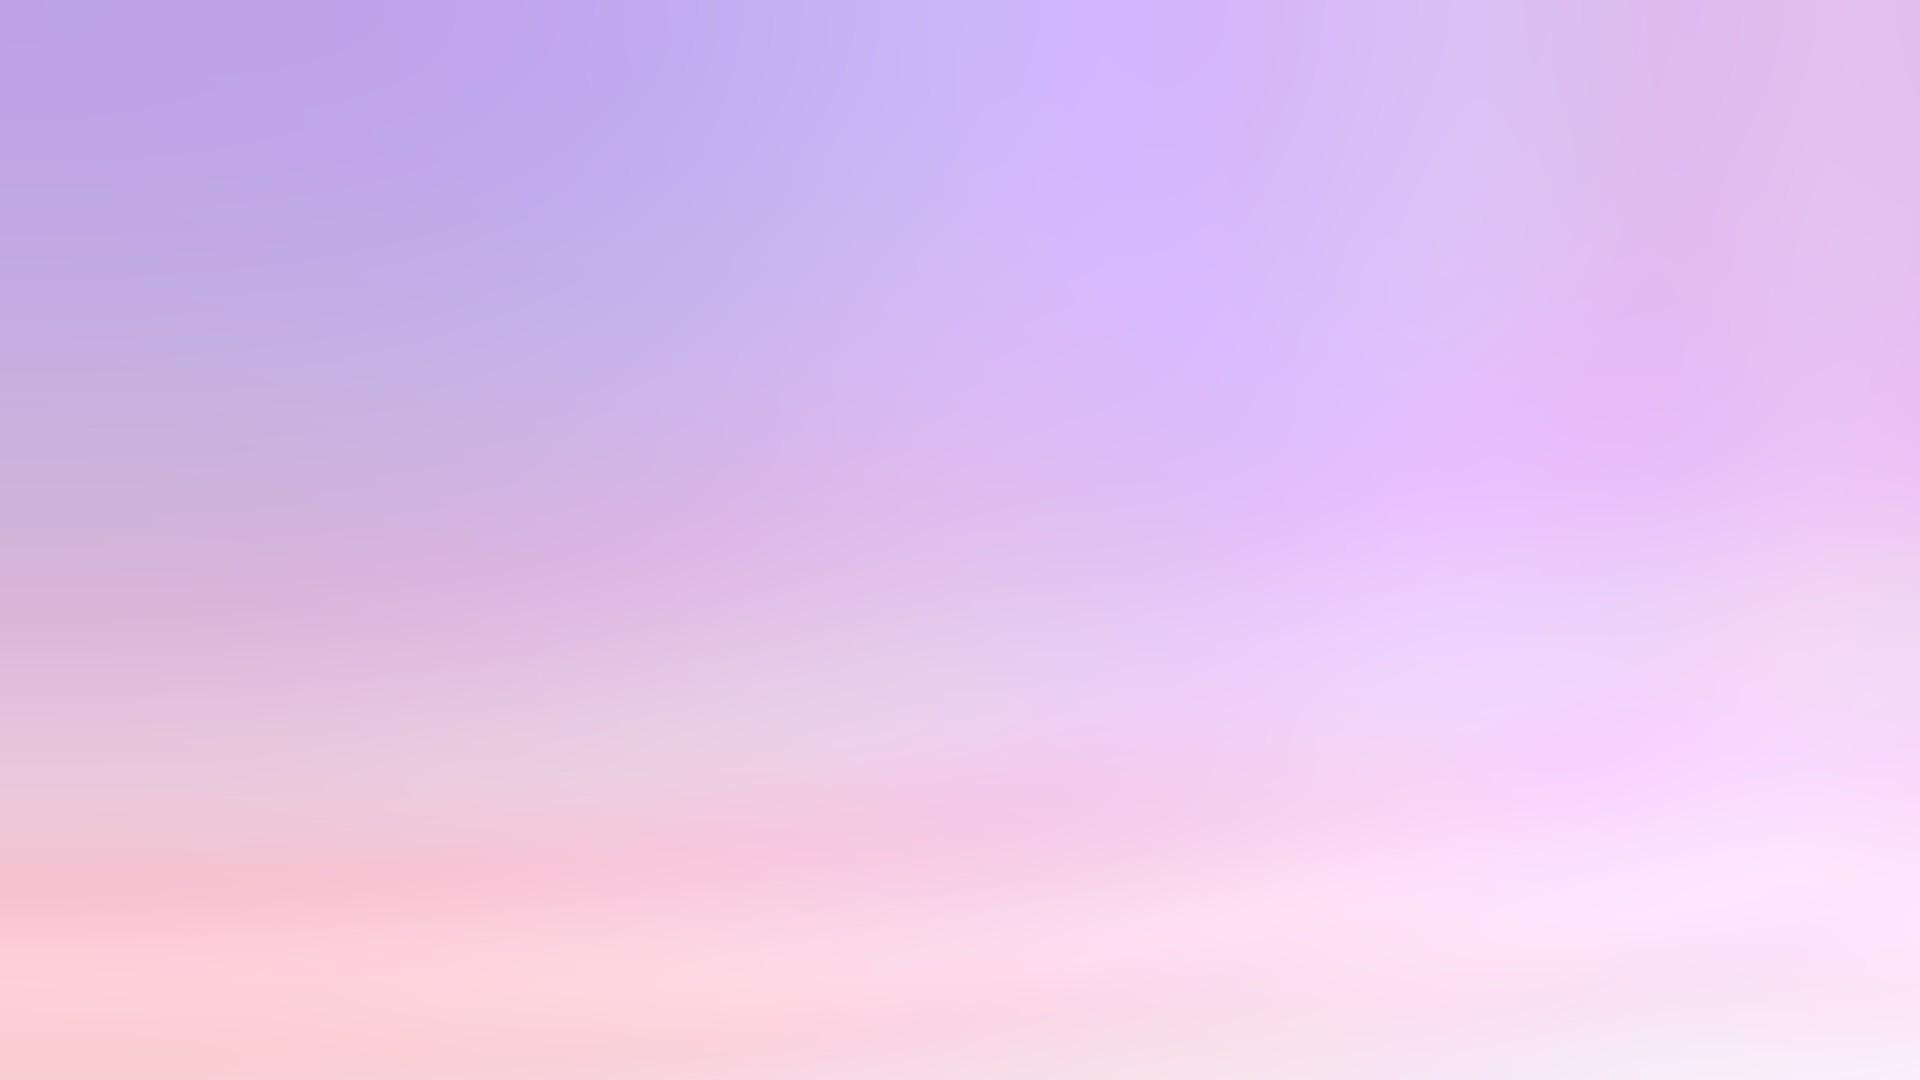 1920 x 1080 jpeg 50kBPurple